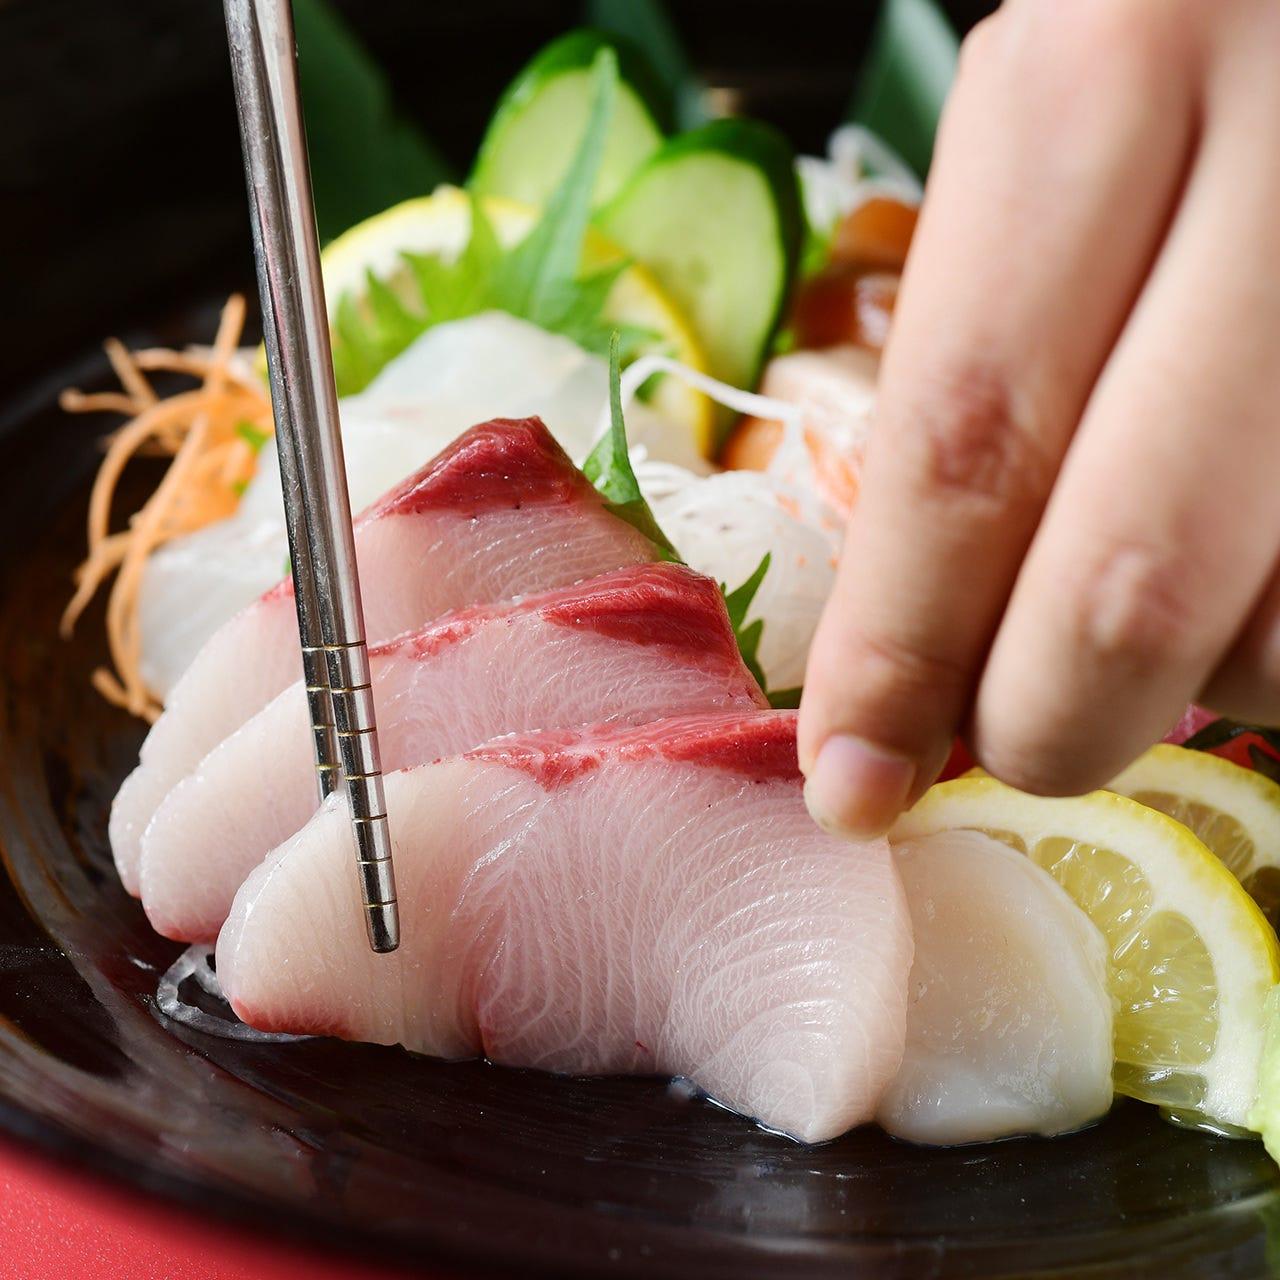 旬魚を産地直送のお刺身盛合せでどうぞ♪1,080円(税込)~